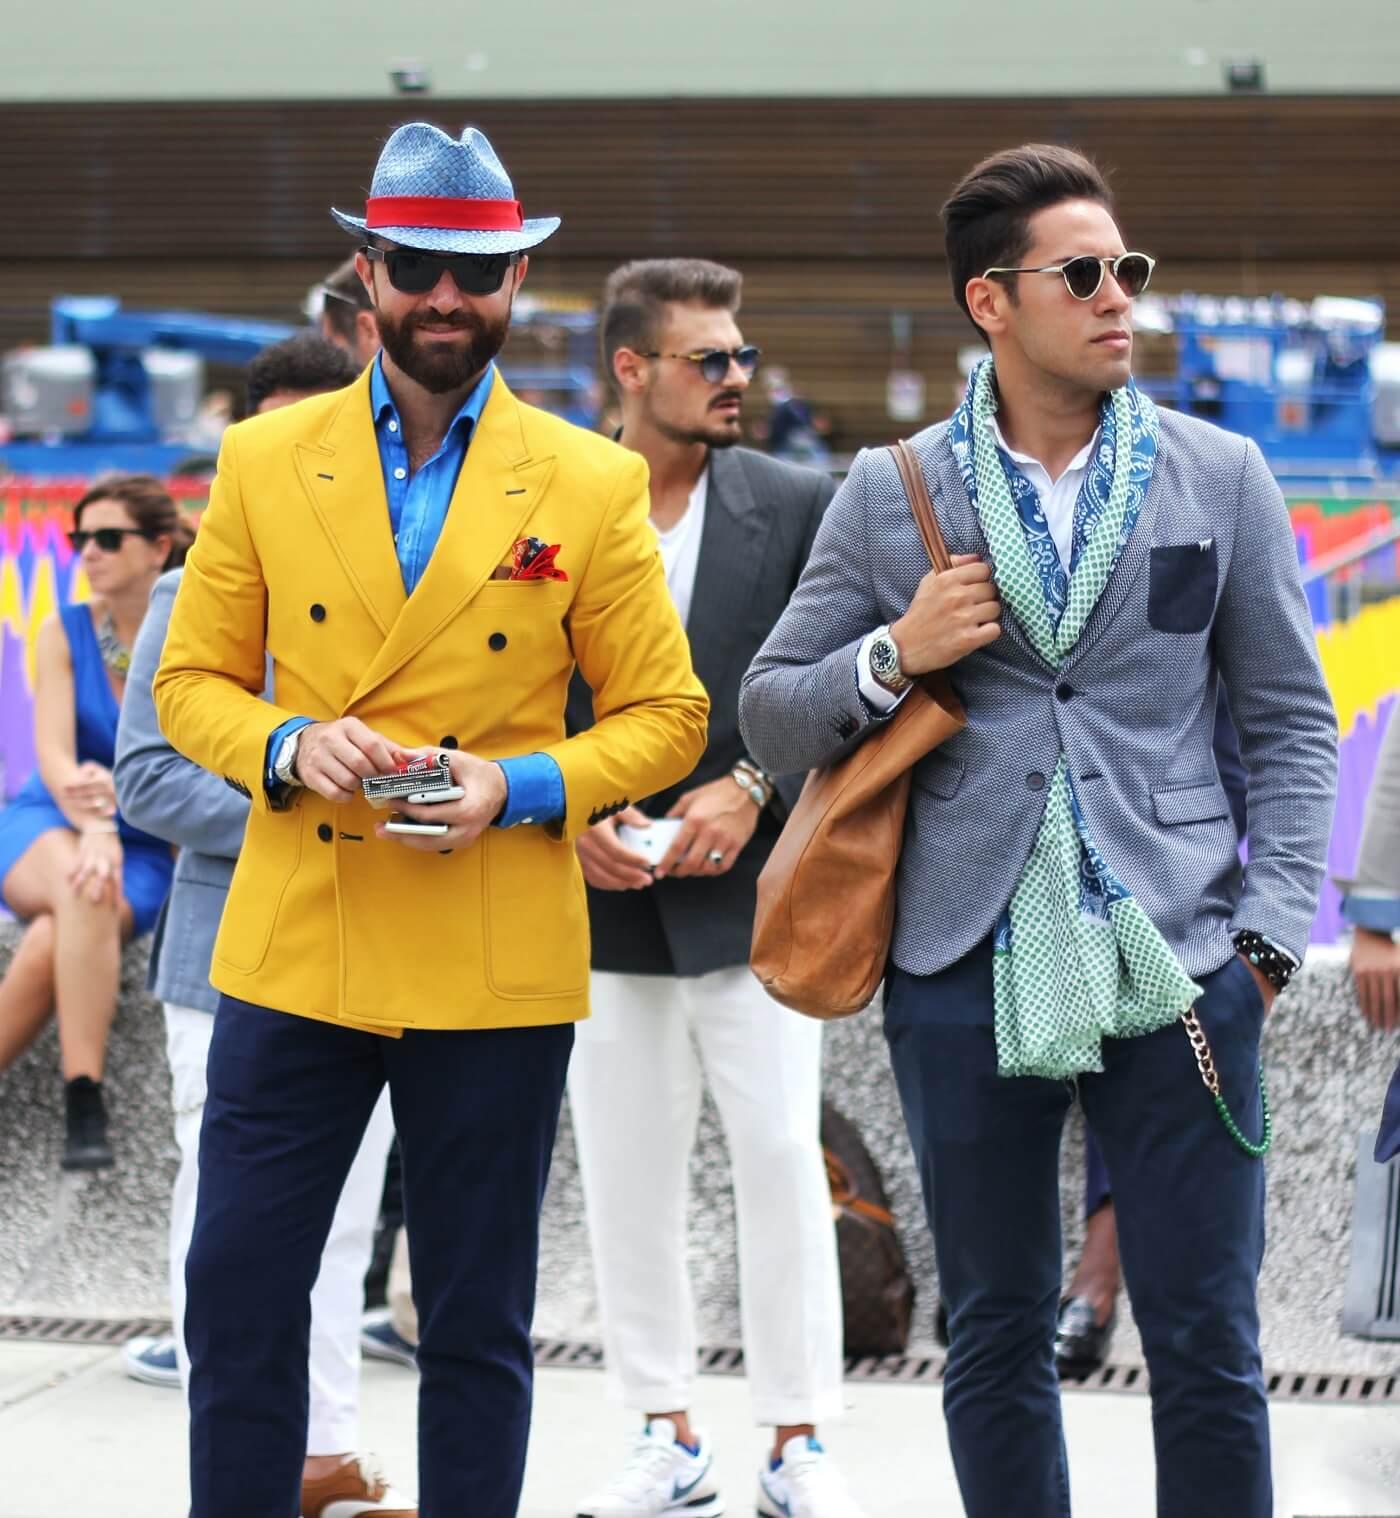 Männer Style mit Sport Sakko Gay Vodka